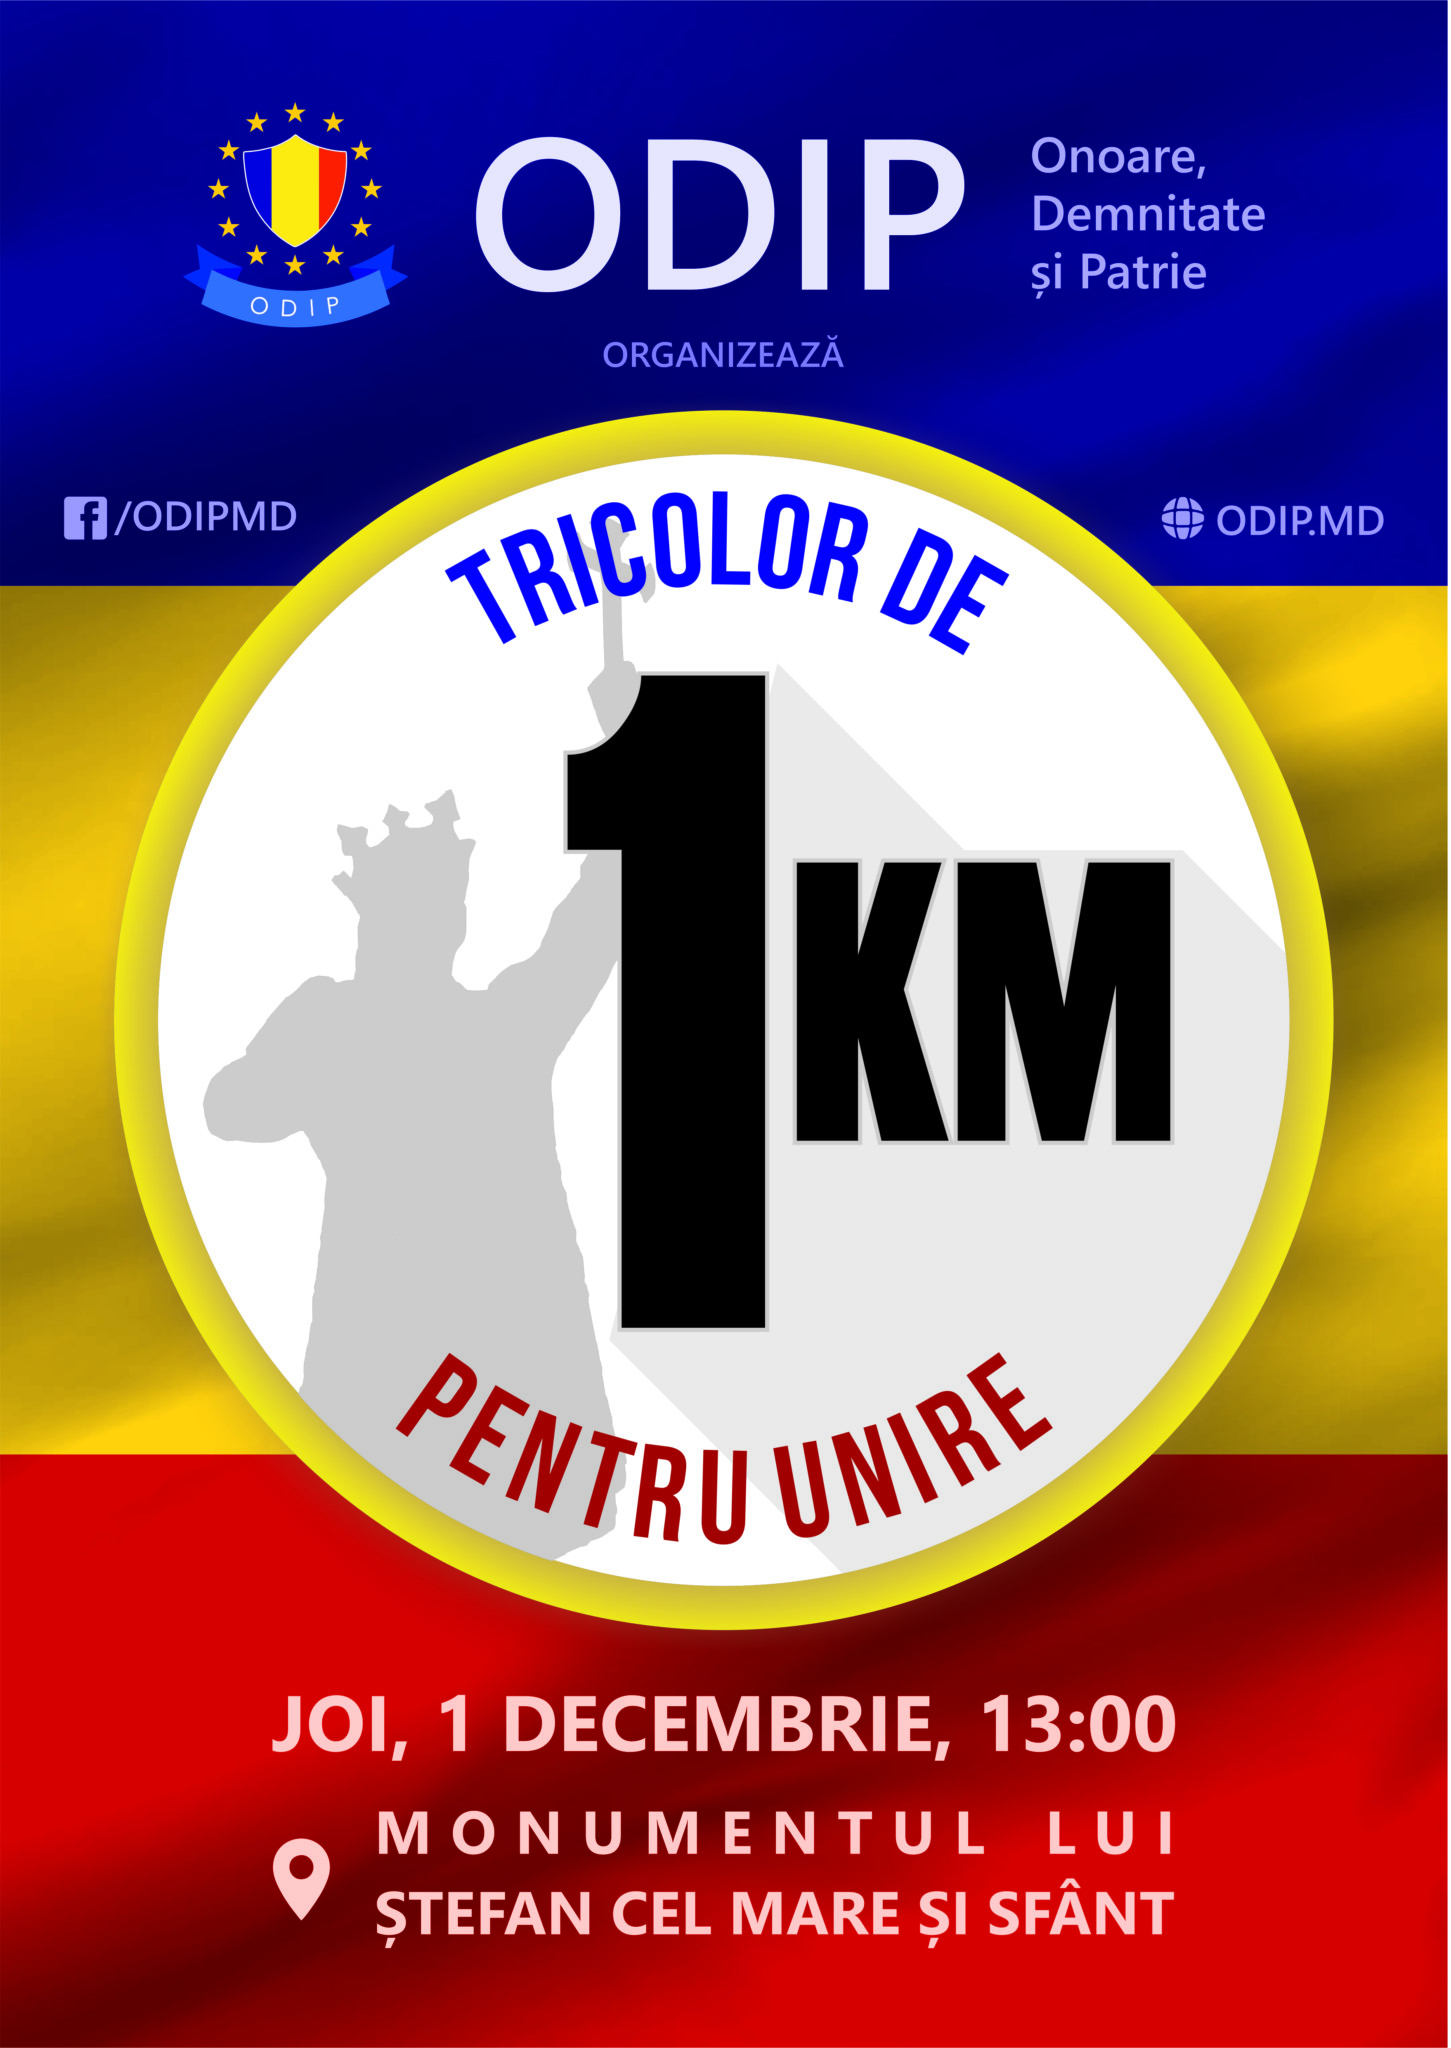 PREMIERĂ! Un tricolor de 1 km va fi întins pe bd. Ștefan cel Mare pe data de 1 decembrie